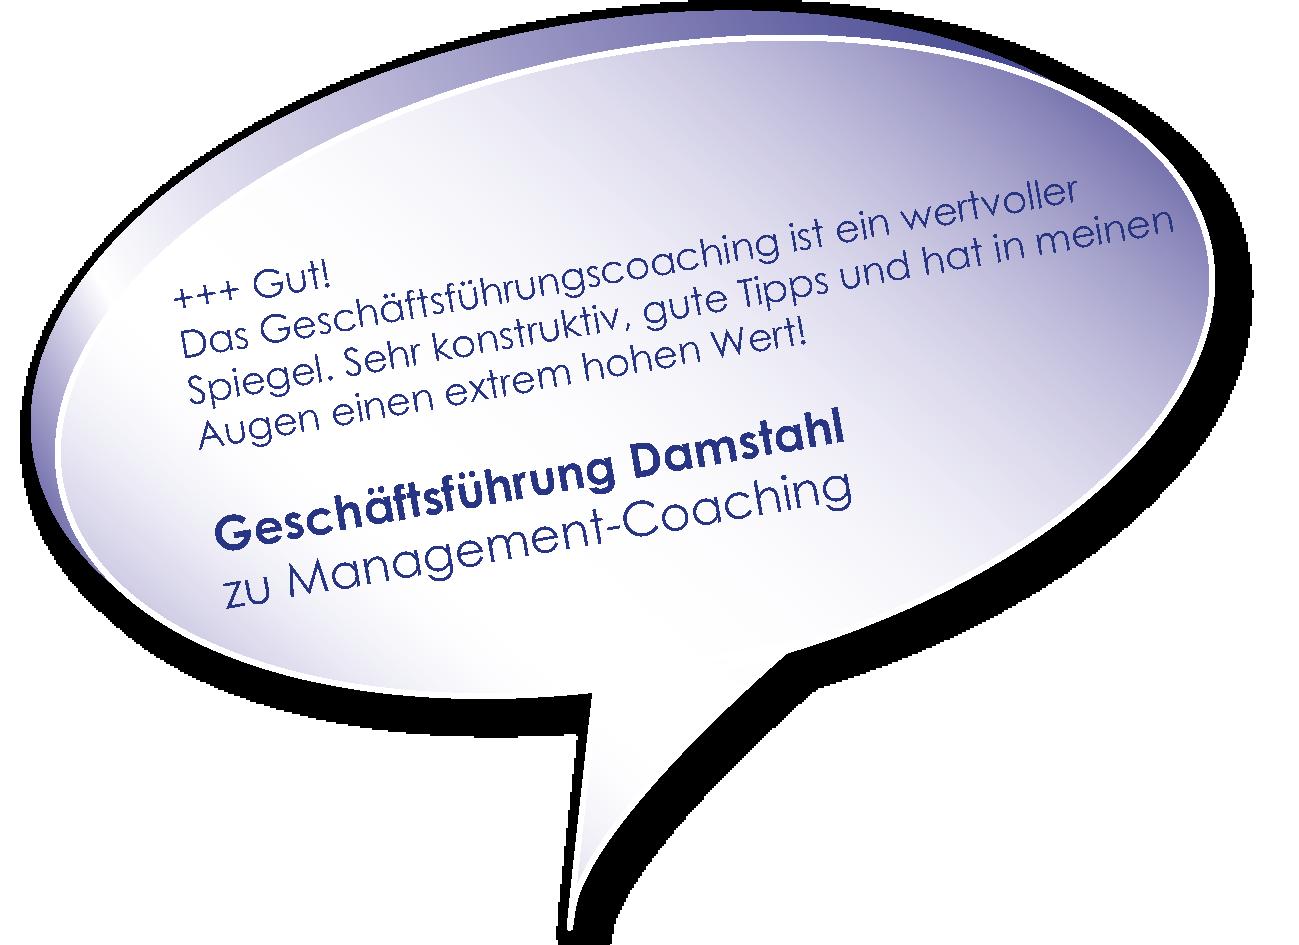 Testimonial der Damstahl GmbH Geschäftsführung zum Management-Coaching mit Melters und Partner